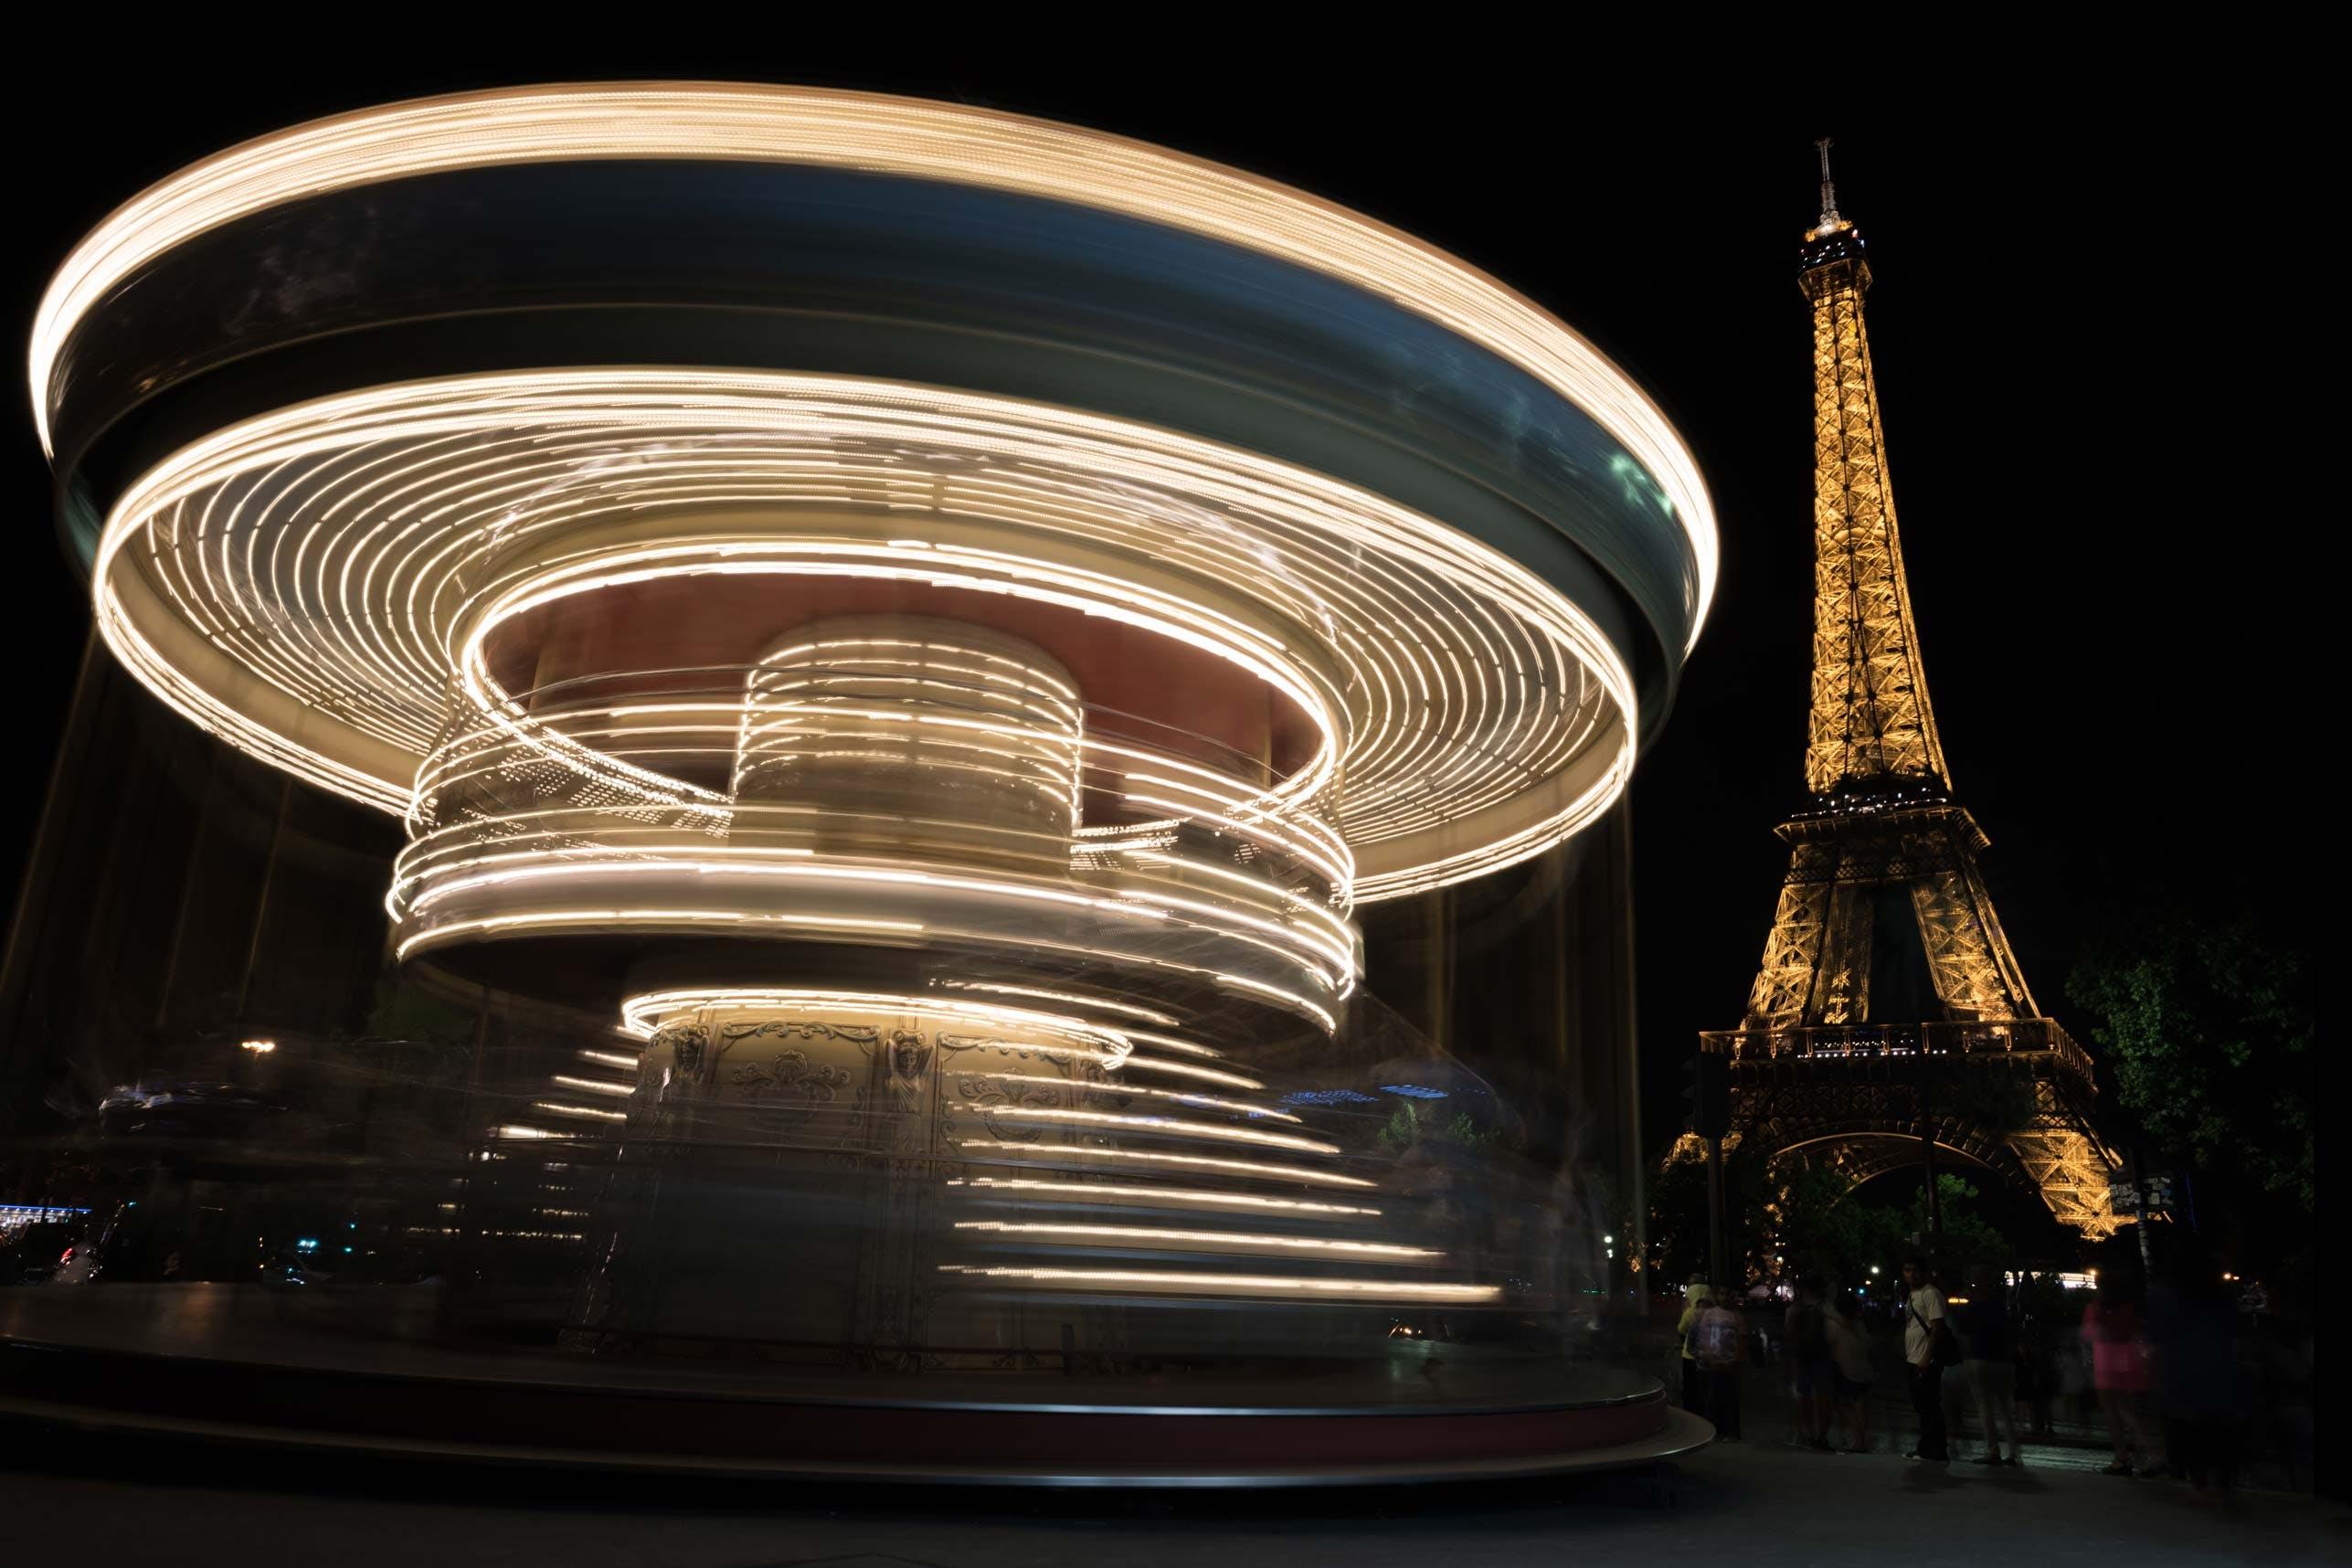 Le Kiosque du Carrousel view of the Eiffel Tower